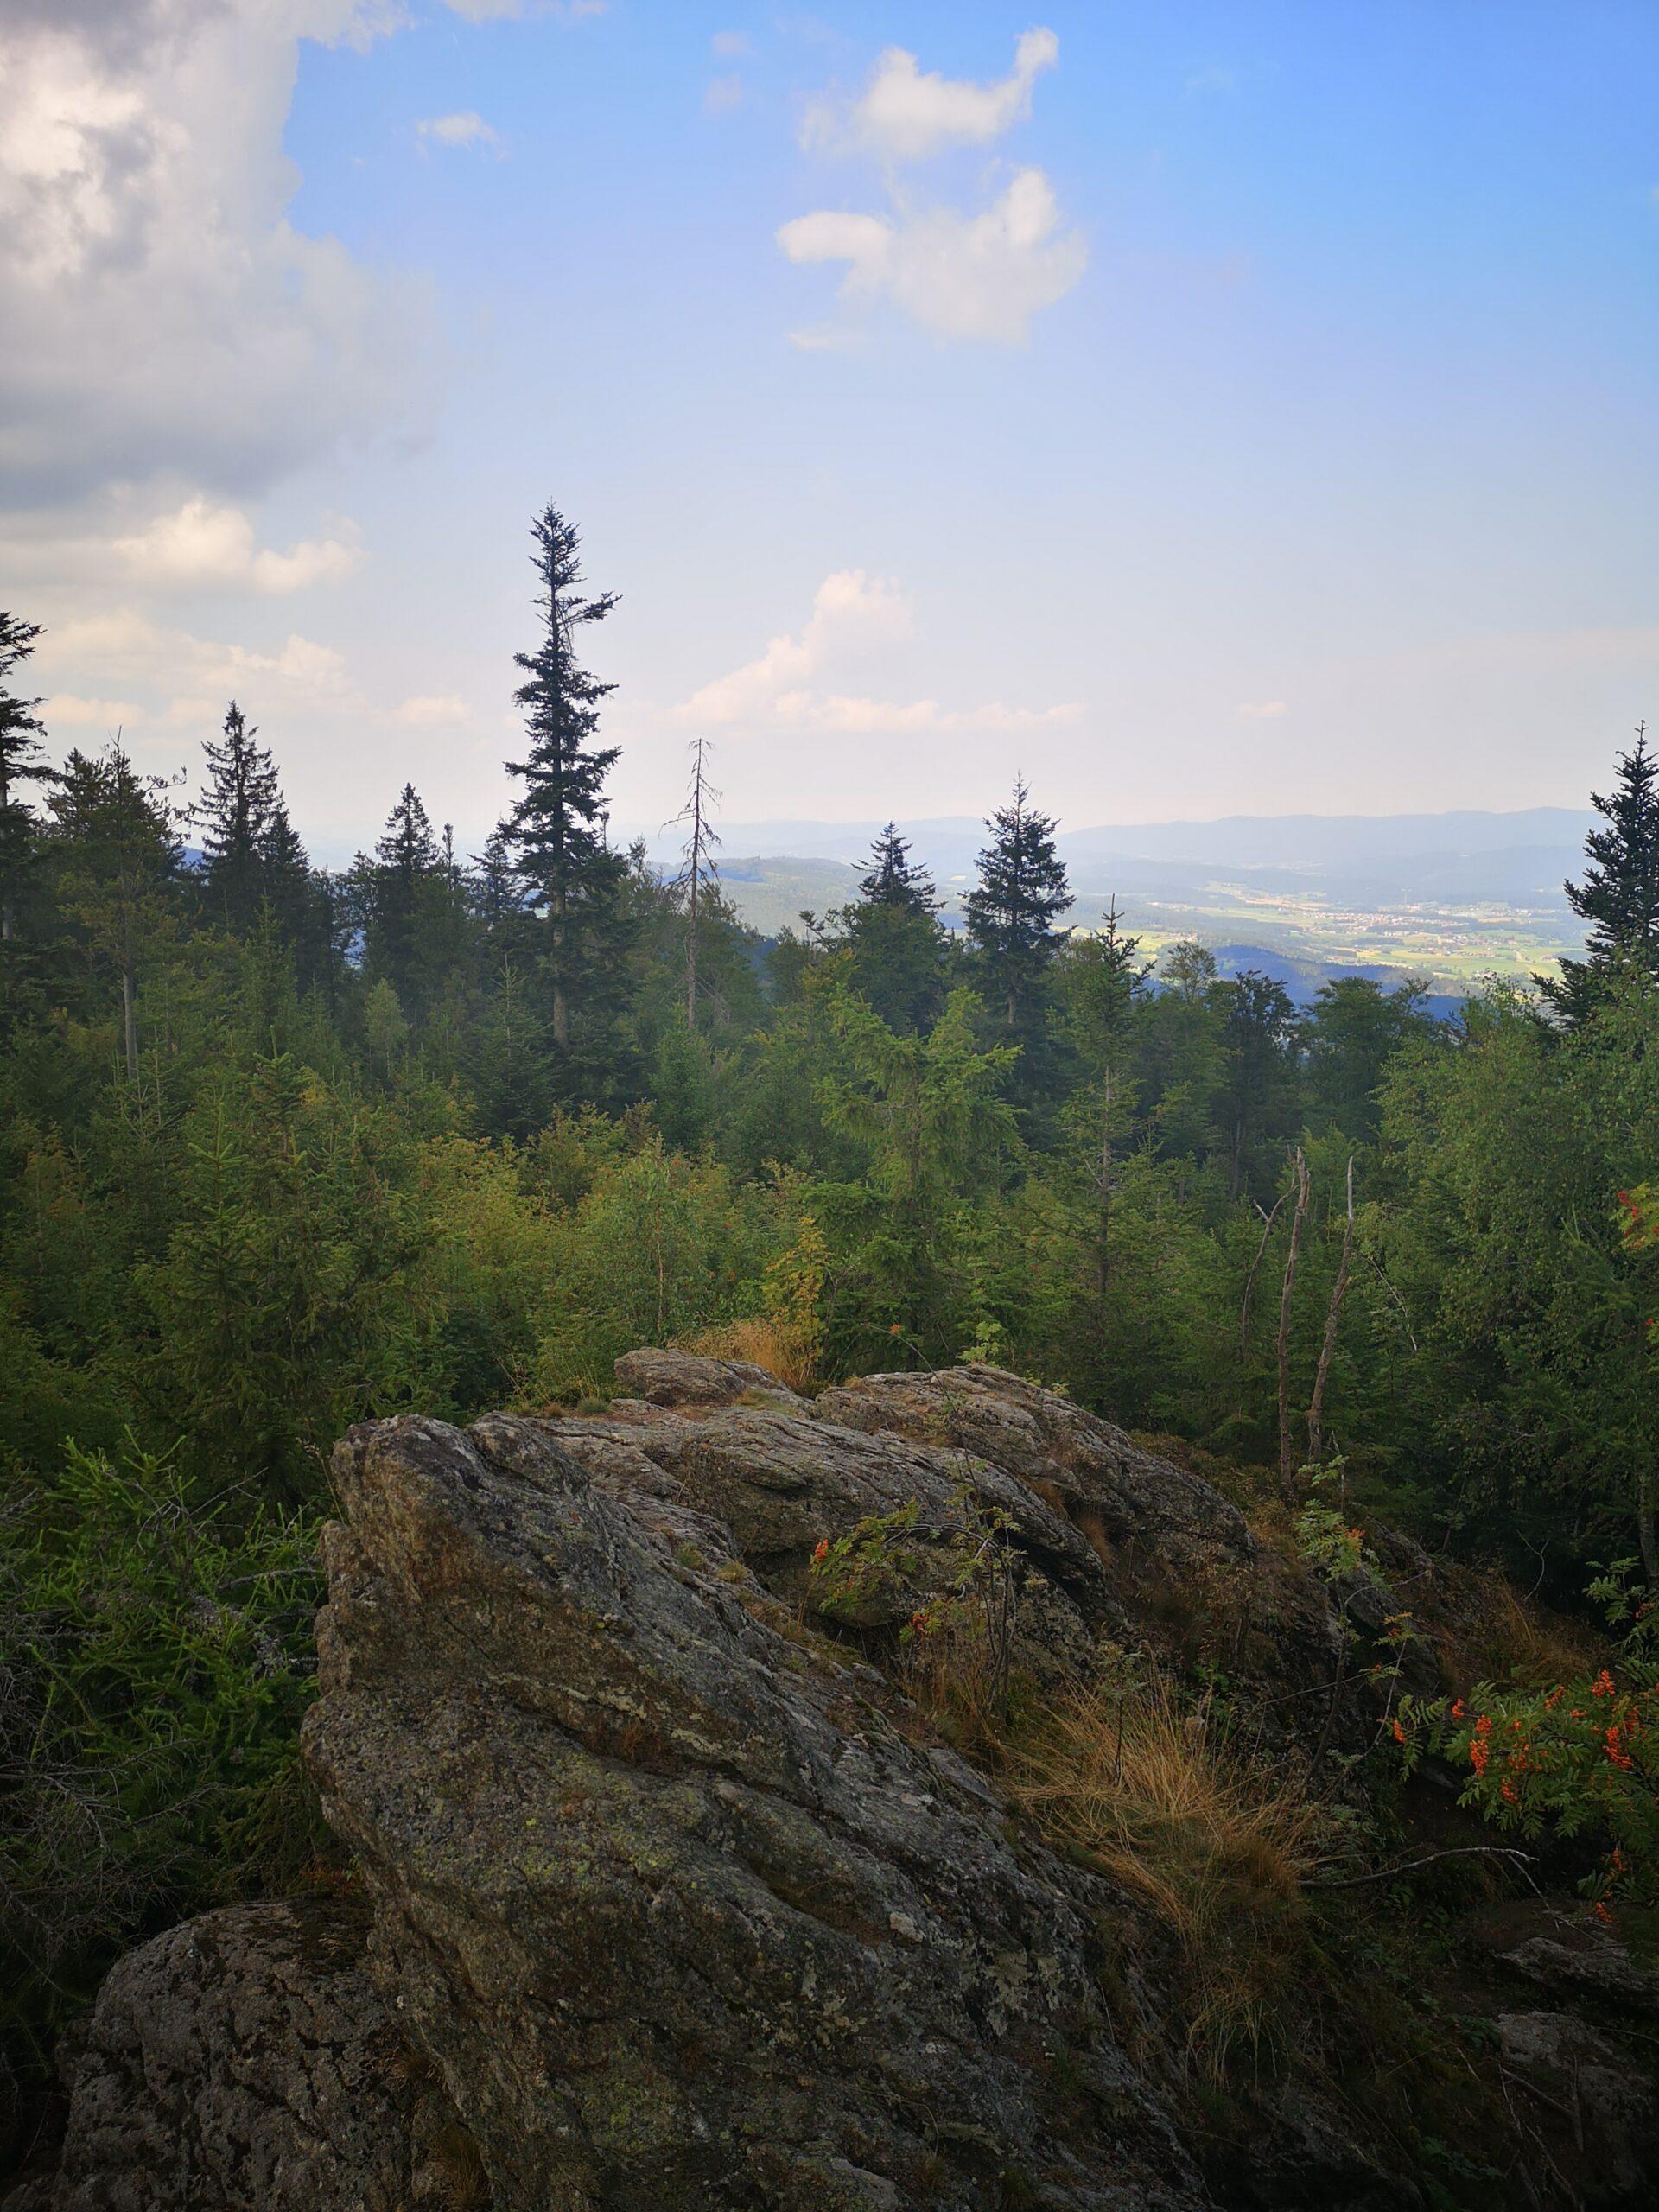 Blick vom Klosterstein in den Inneren Bayerischen Wald Bildautor: Lea Stier, Naturpark Bayerischer Wald e.V.